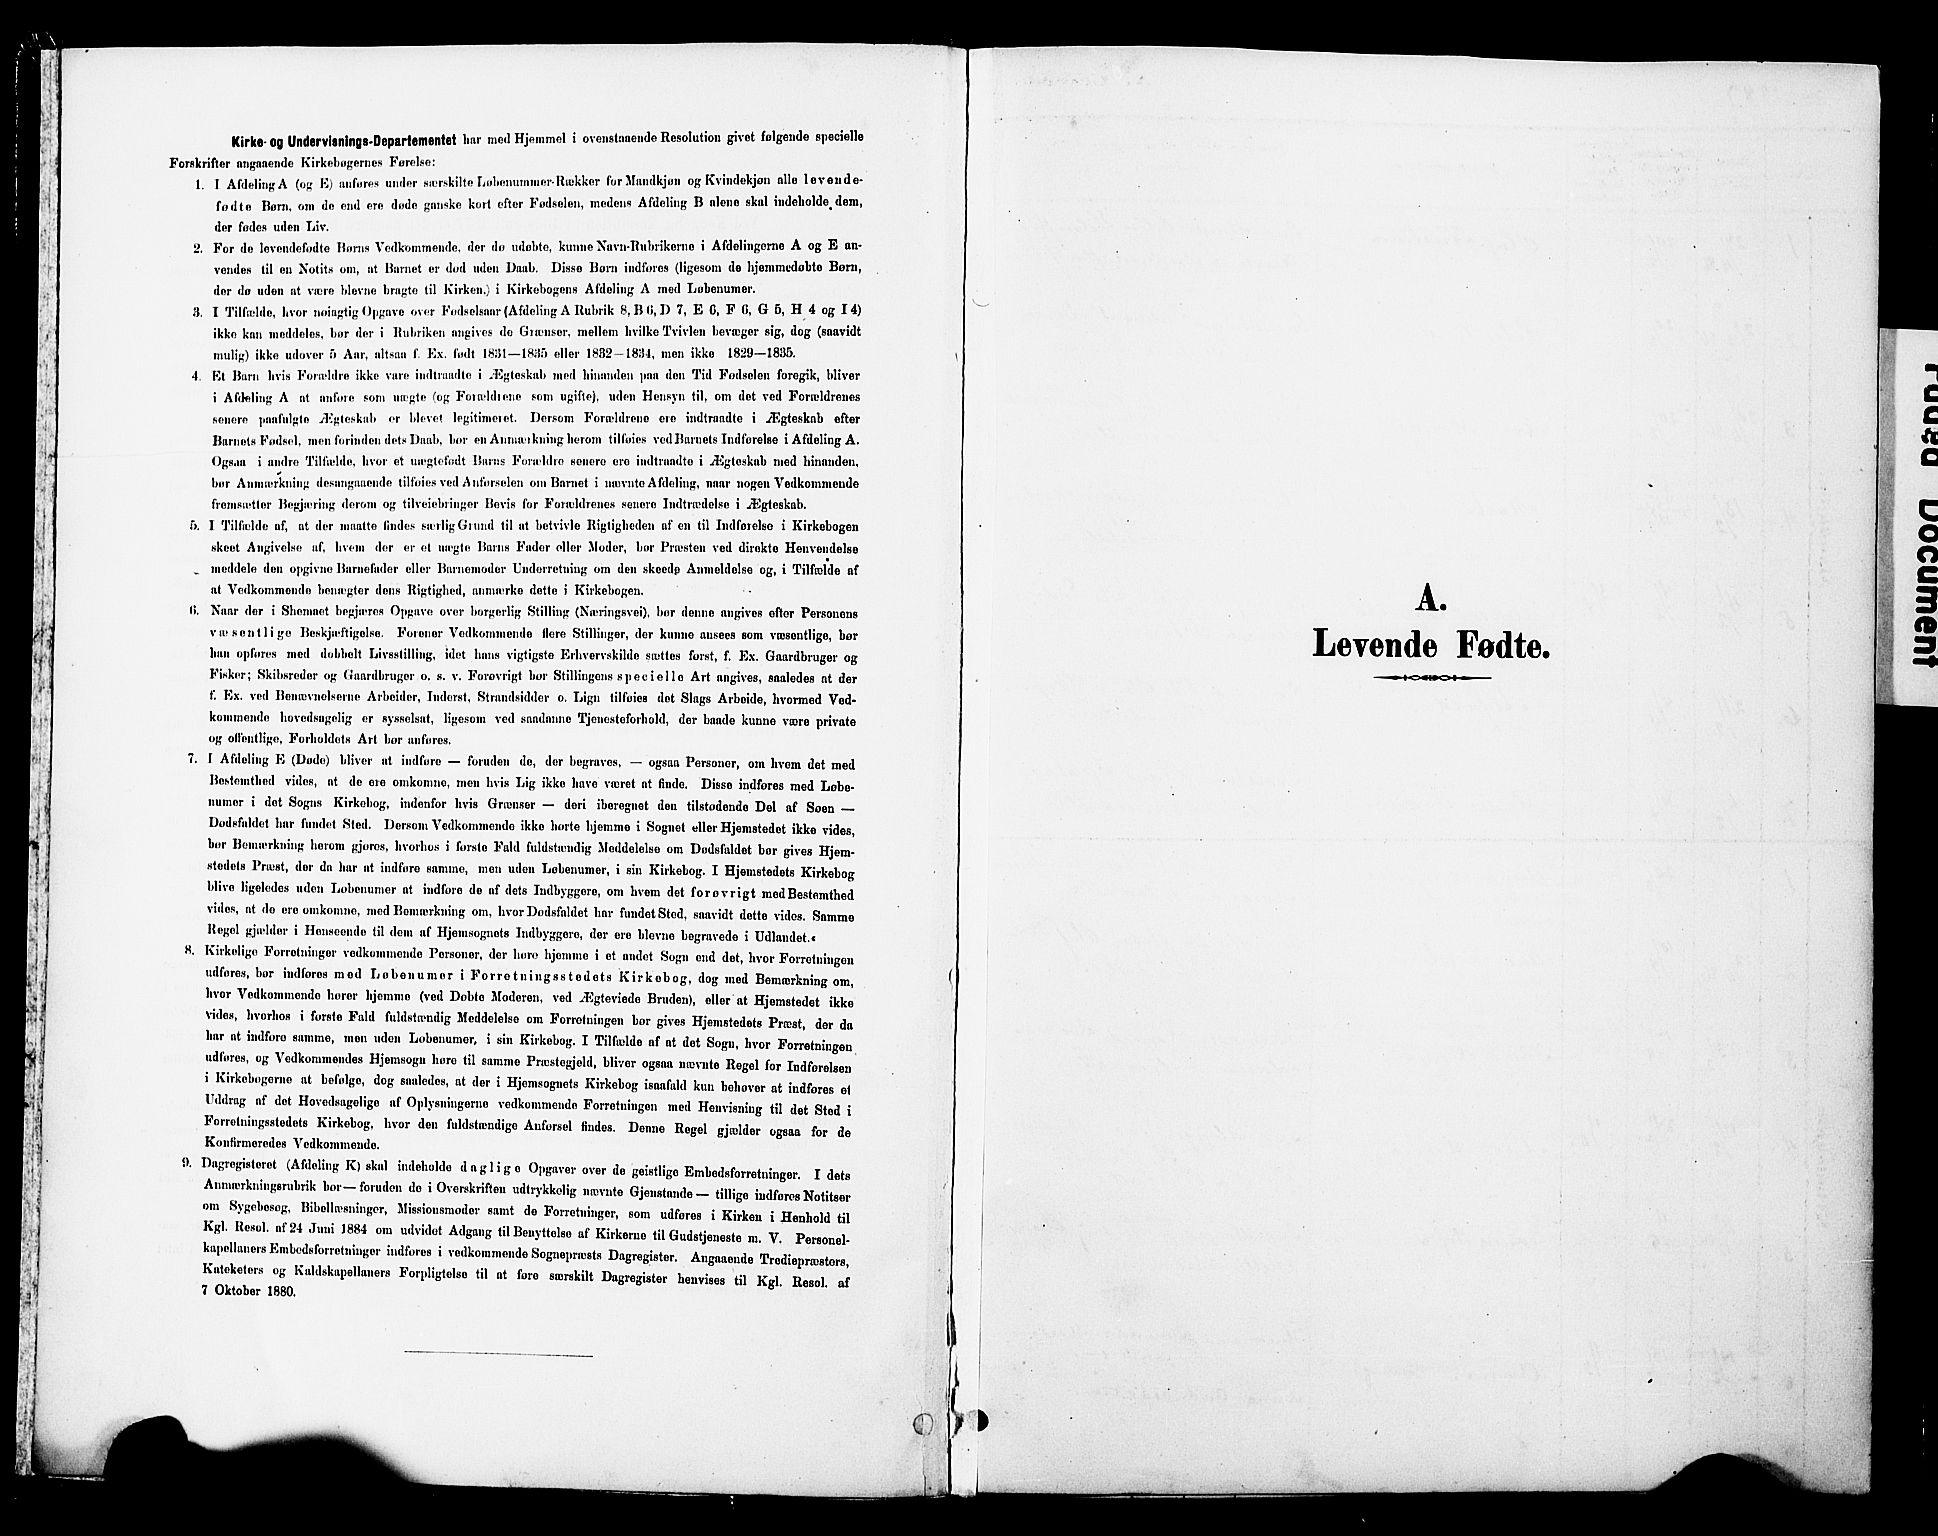 SAT, Ministerialprotokoller, klokkerbøker og fødselsregistre - Nord-Trøndelag, 774/L0628: Ministerialbok nr. 774A02, 1887-1903